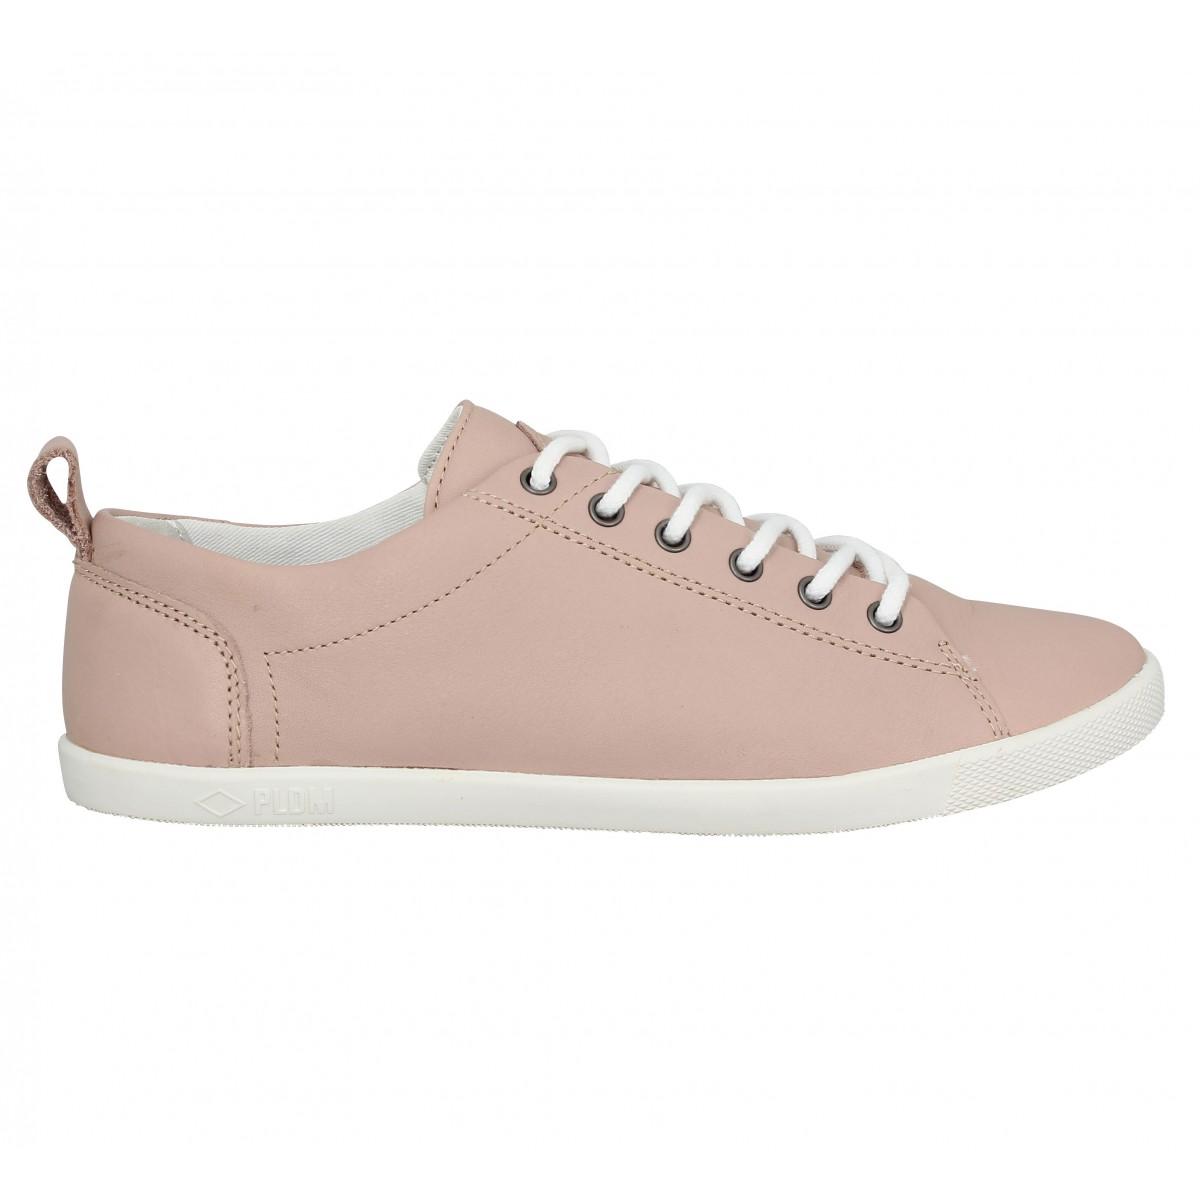 Marques Chaussure femme P-L-D-M By Palladium femme Bel Nca Light Pink